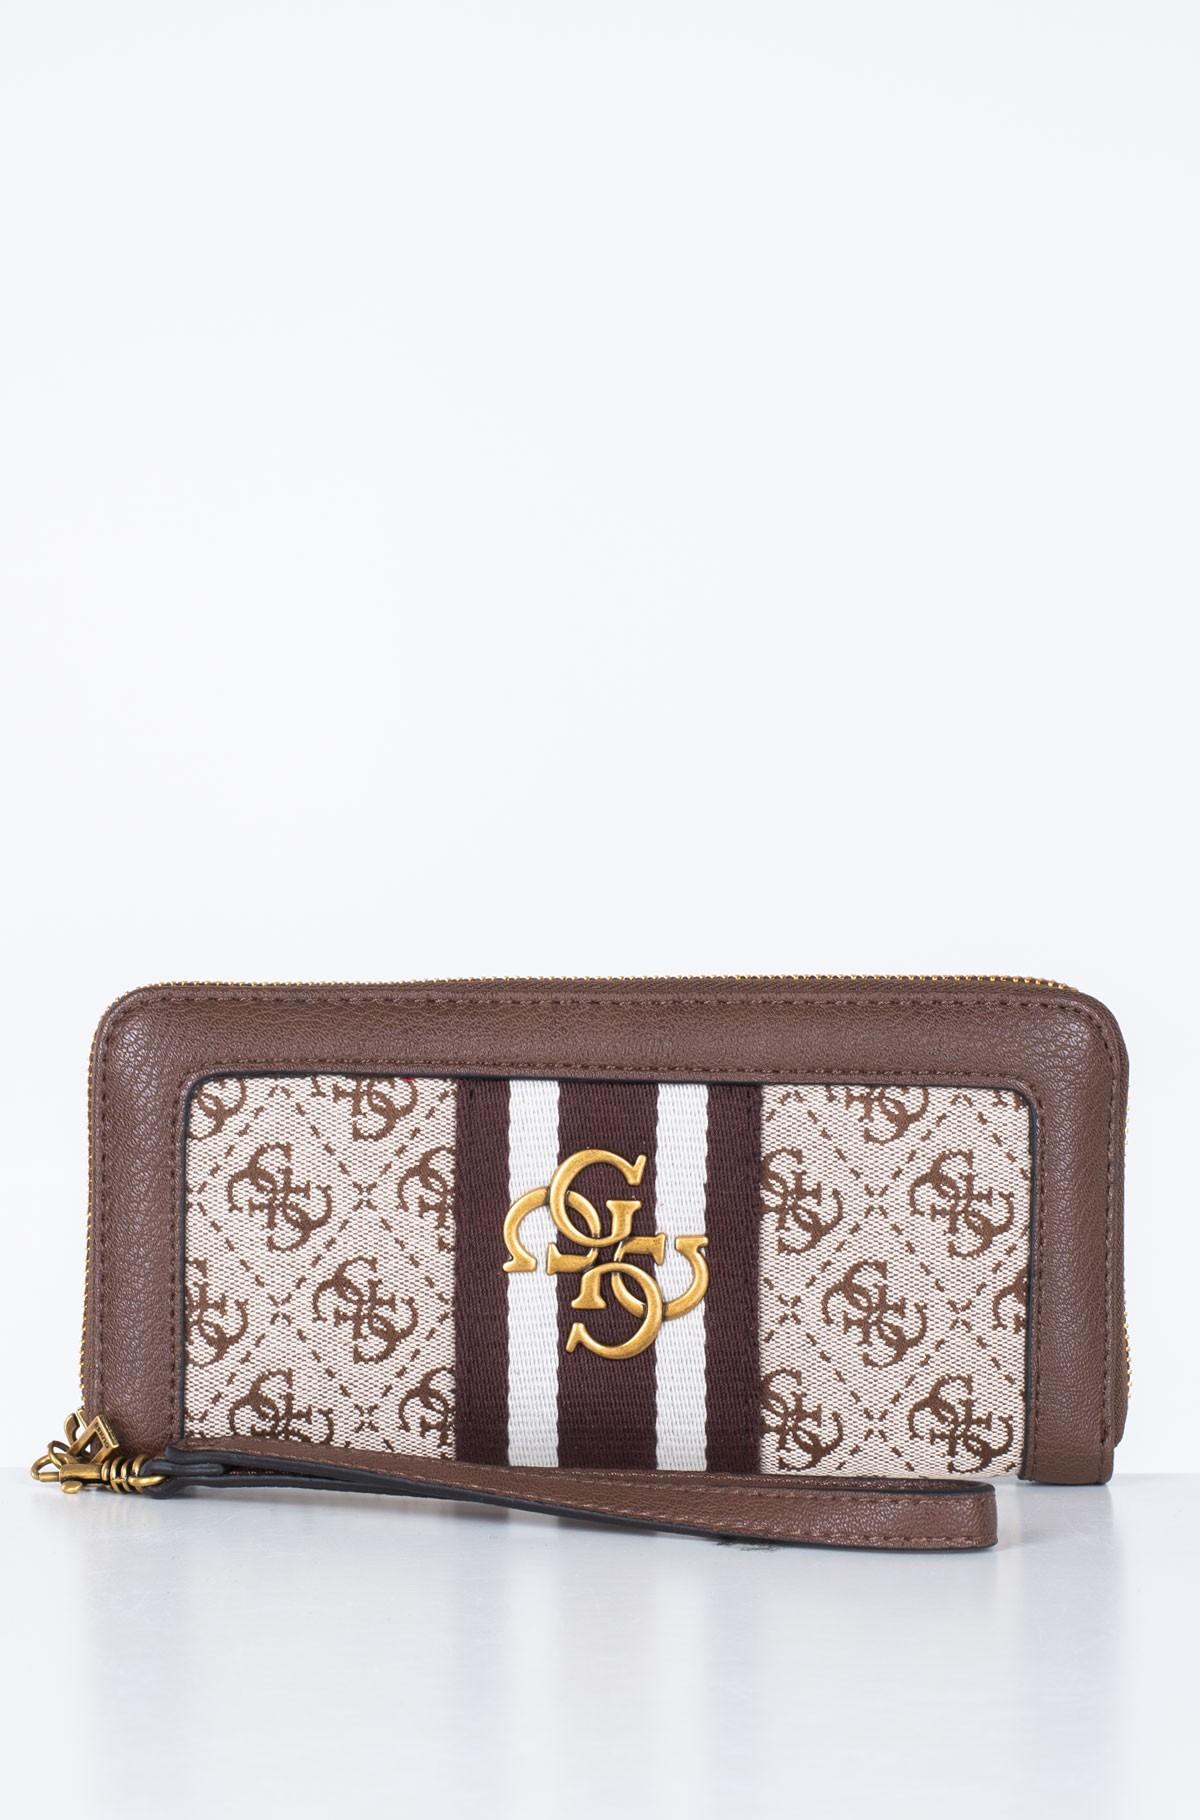 Wallet SWSB73 04460-full-1